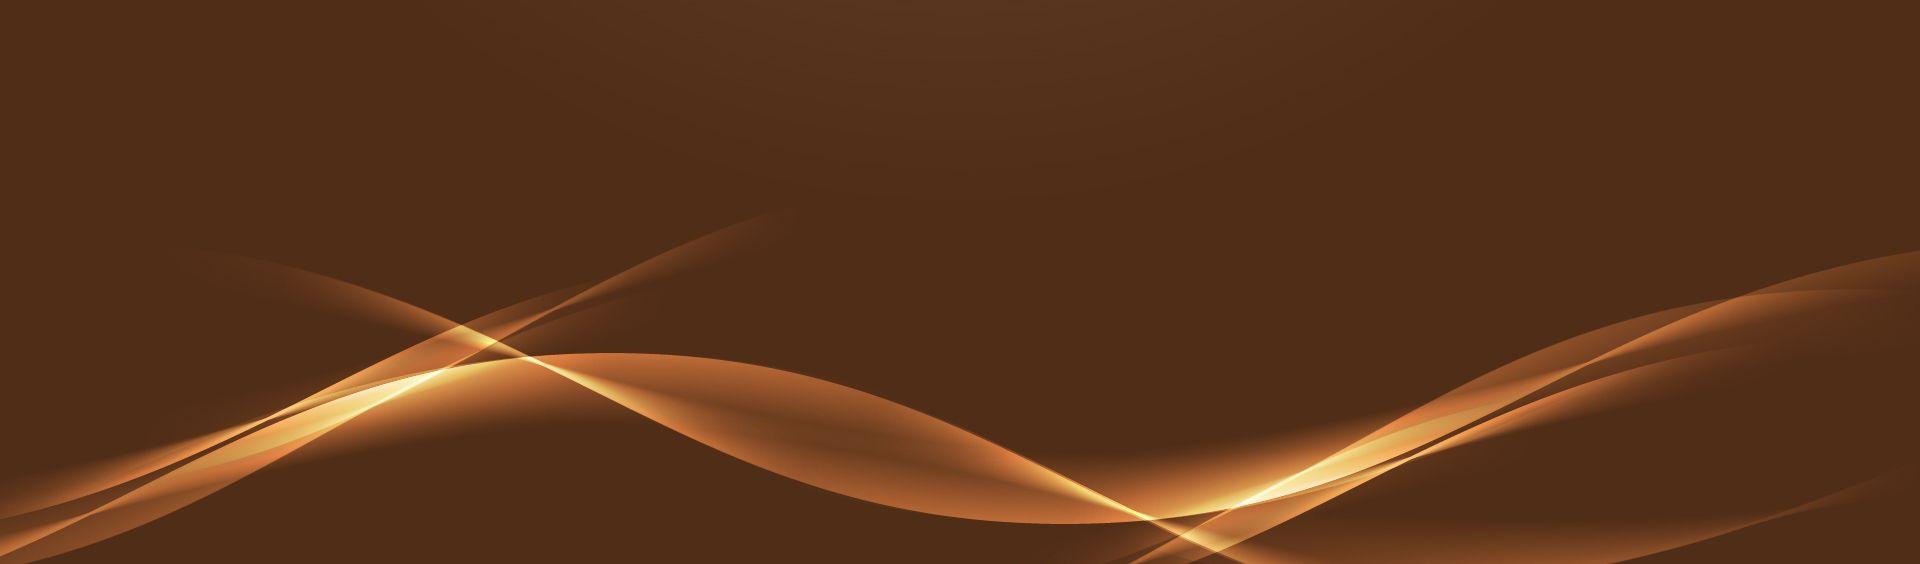 فن الرسومات جرافيك تصميم الخلفية Paper Lamp Novelty Lamp Lamp